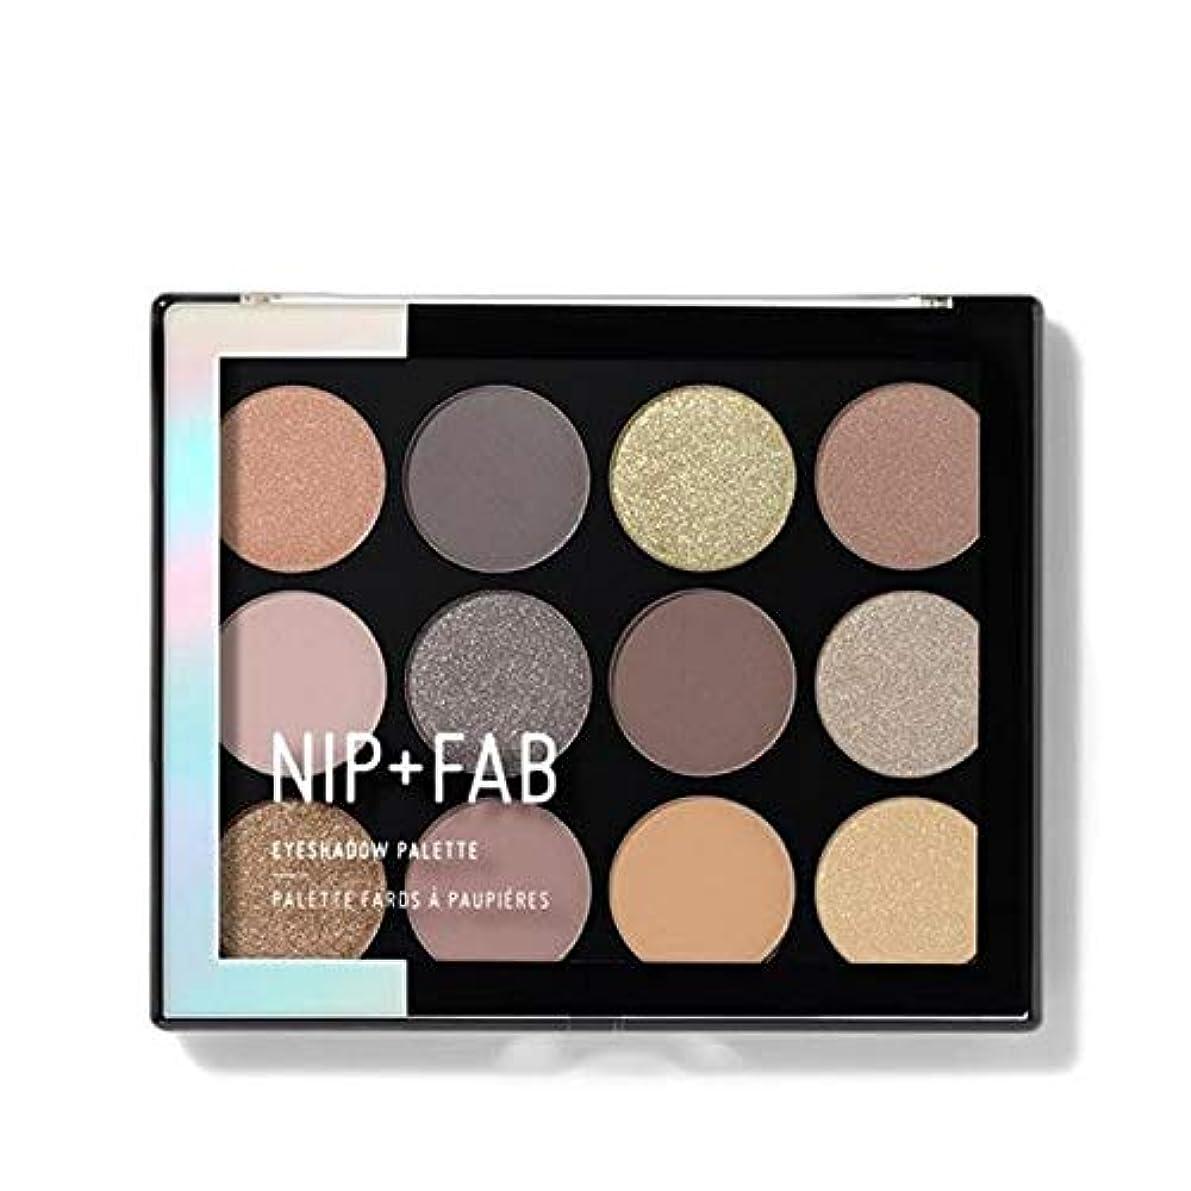 ルーキーネックレットシガレット[Nip & Fab ] アイシャドウパレット12グラム穏やかグラム4を構成するFab +ニップ - NIP+FAB Make Up Eyeshadow Palette 12g Gentle Glam 4 [並行輸入品]